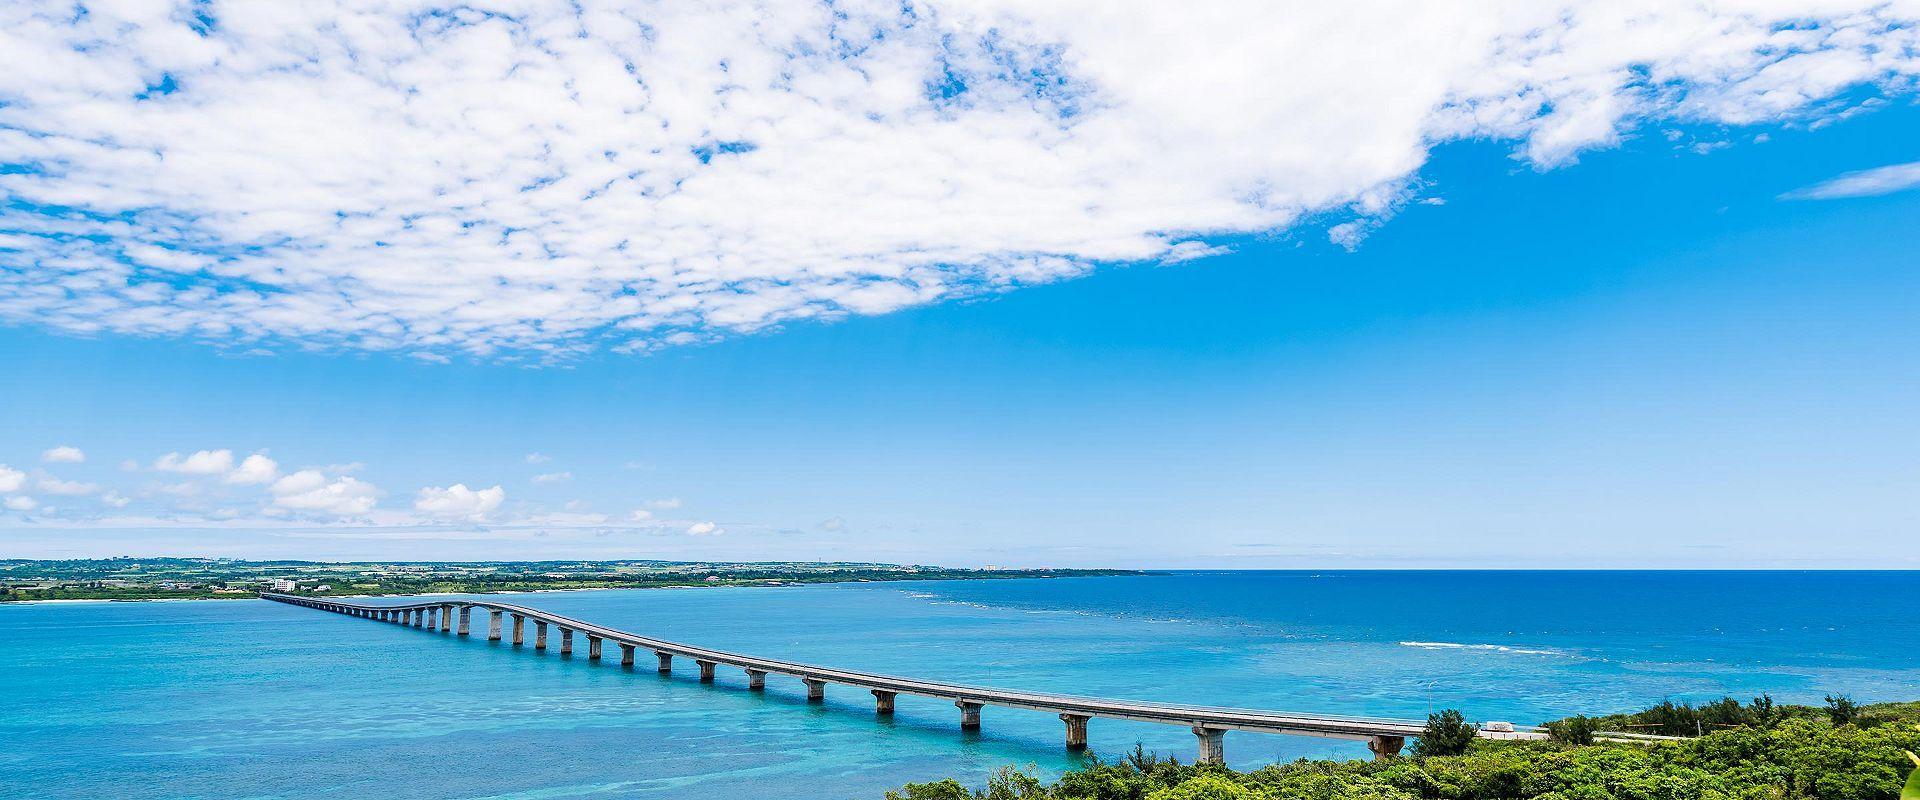 沖縄ショートクルーズ 4泊5日